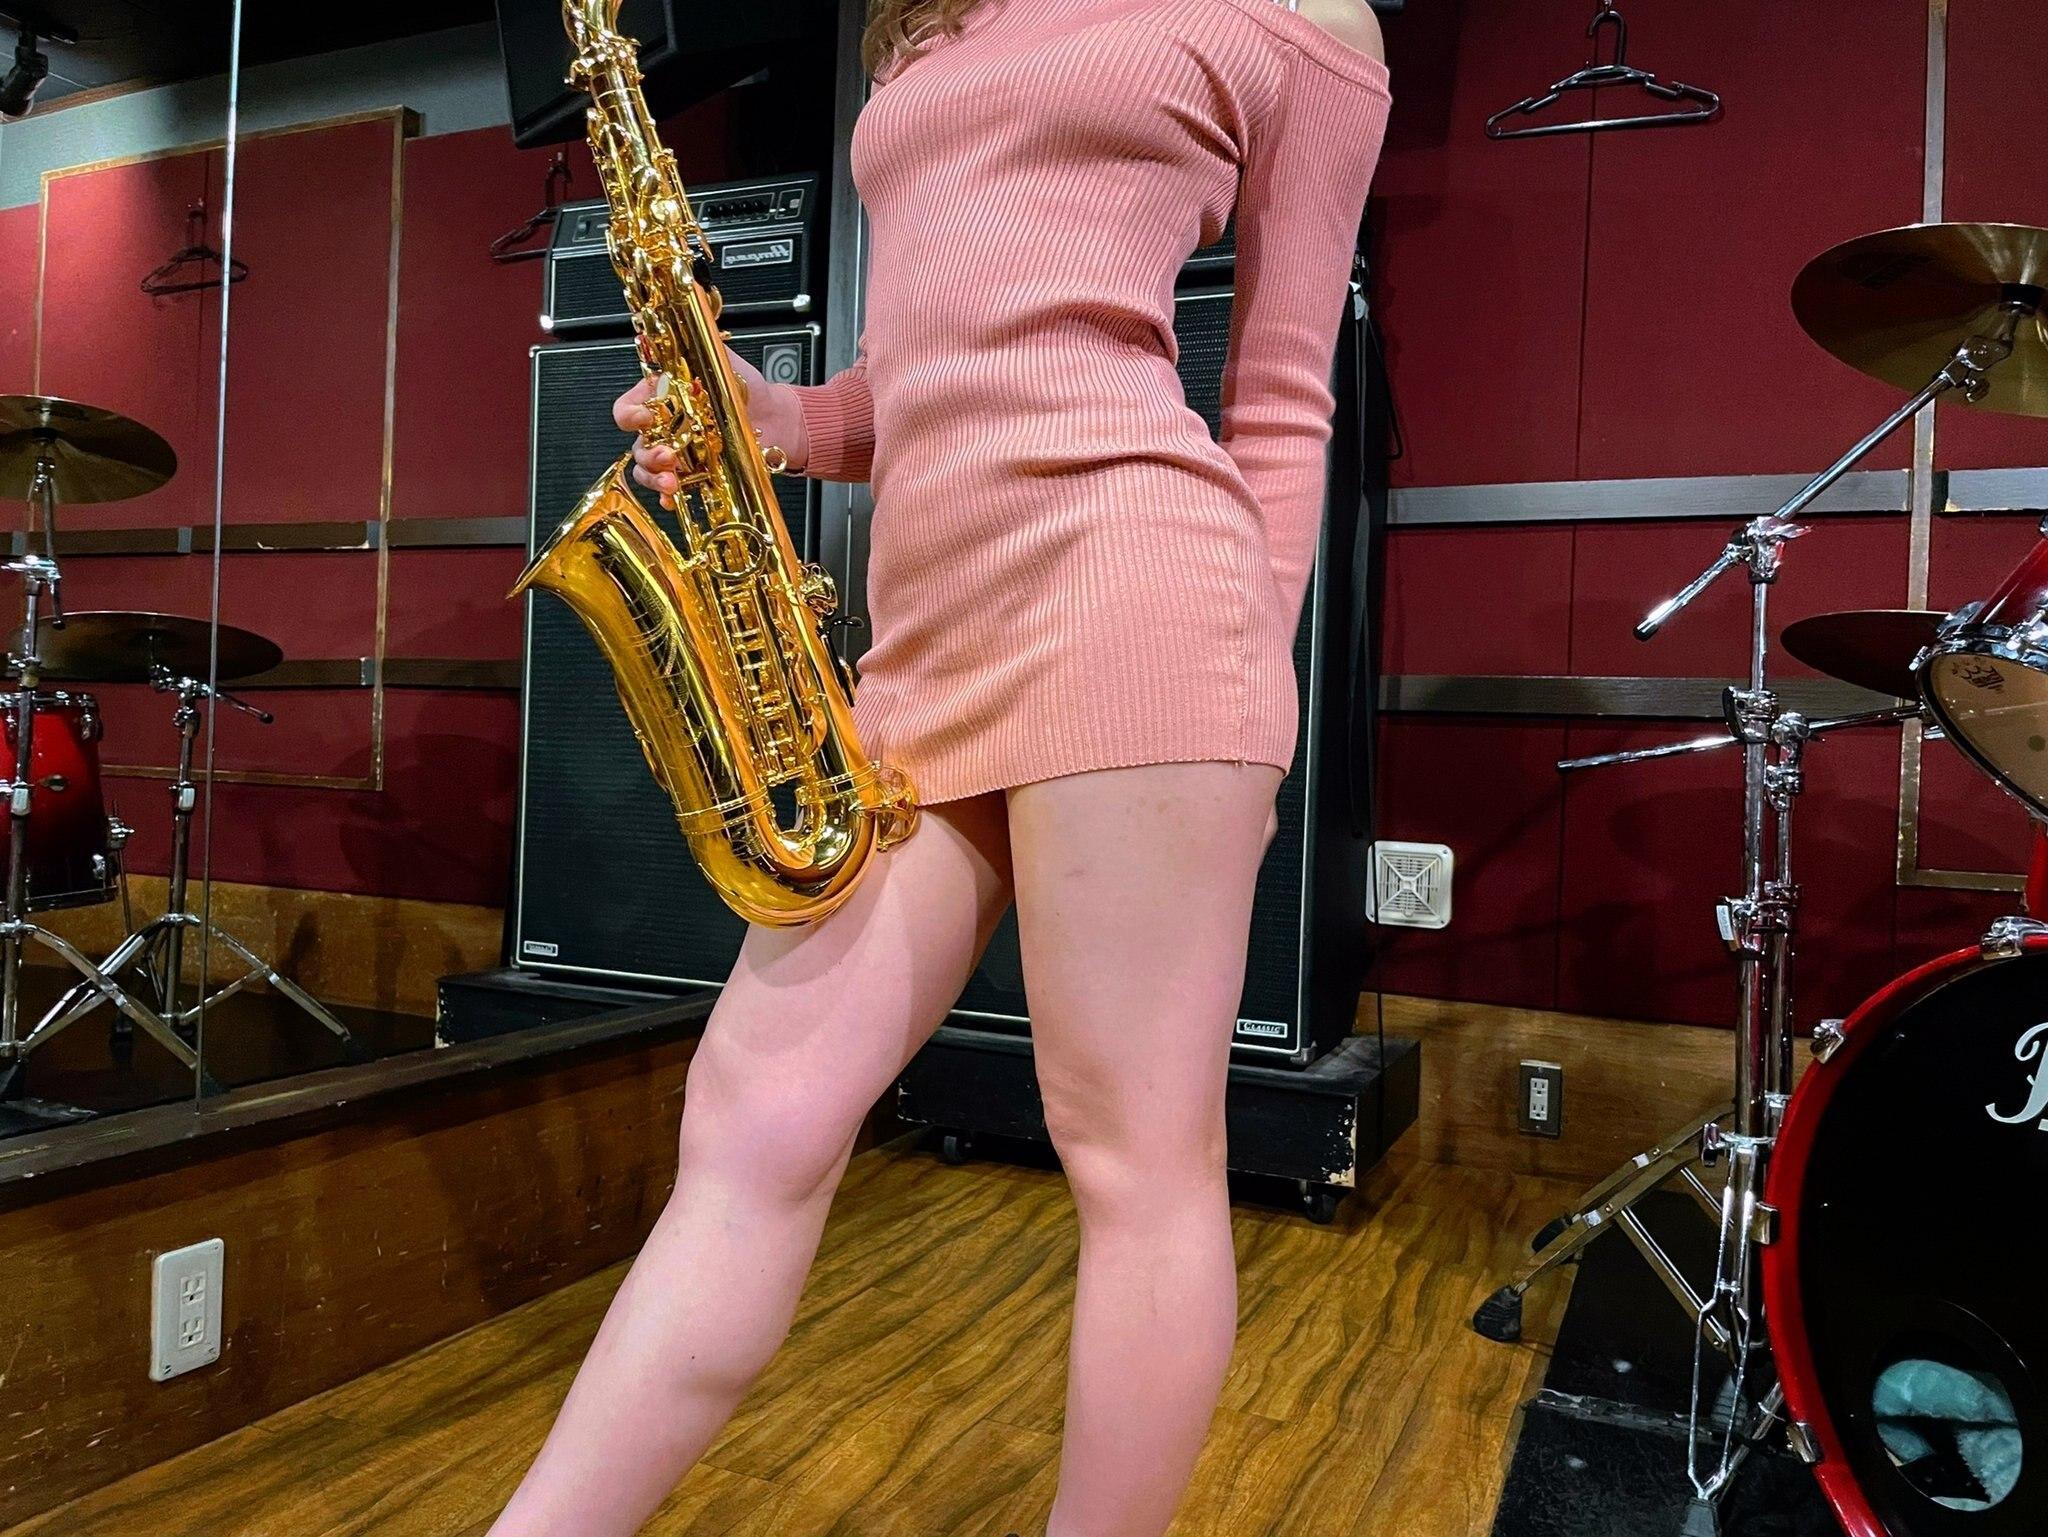 会吹萨克斯風的日本女孩:Ririka/Sax插图1